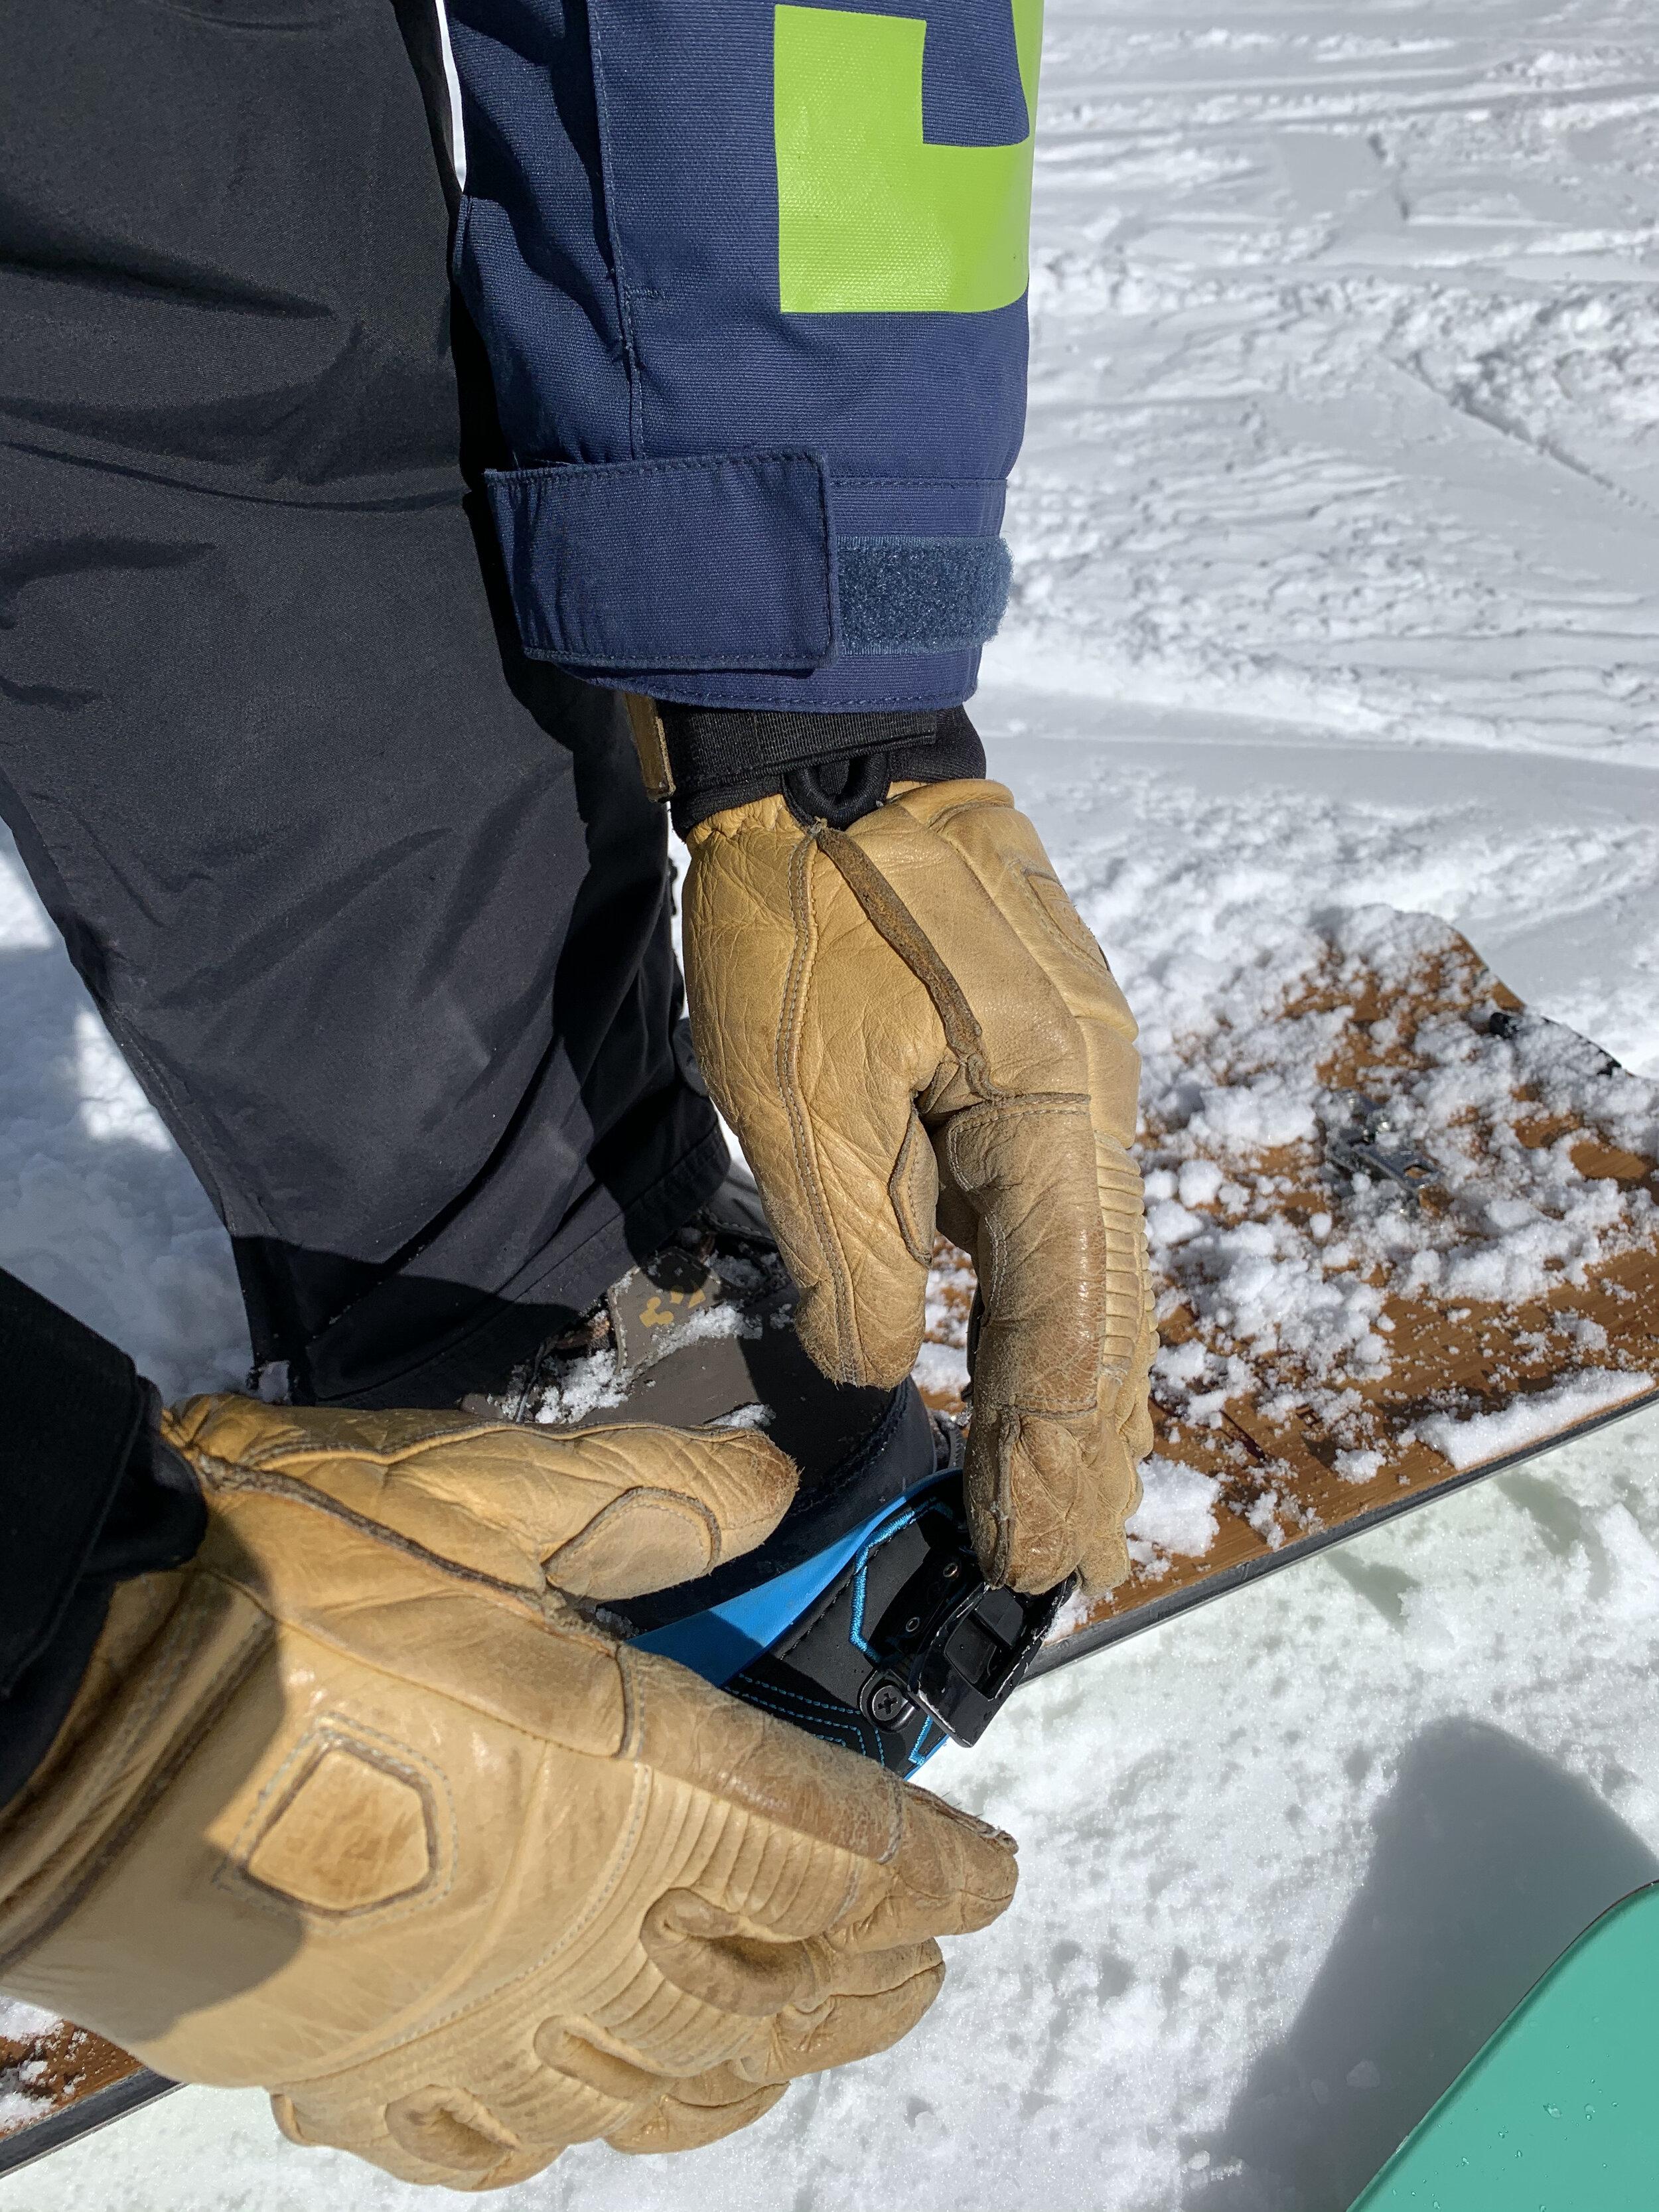 Tan SALE Rab Mens Treeline Glove Waterproof Hard Wearing Leather Medium